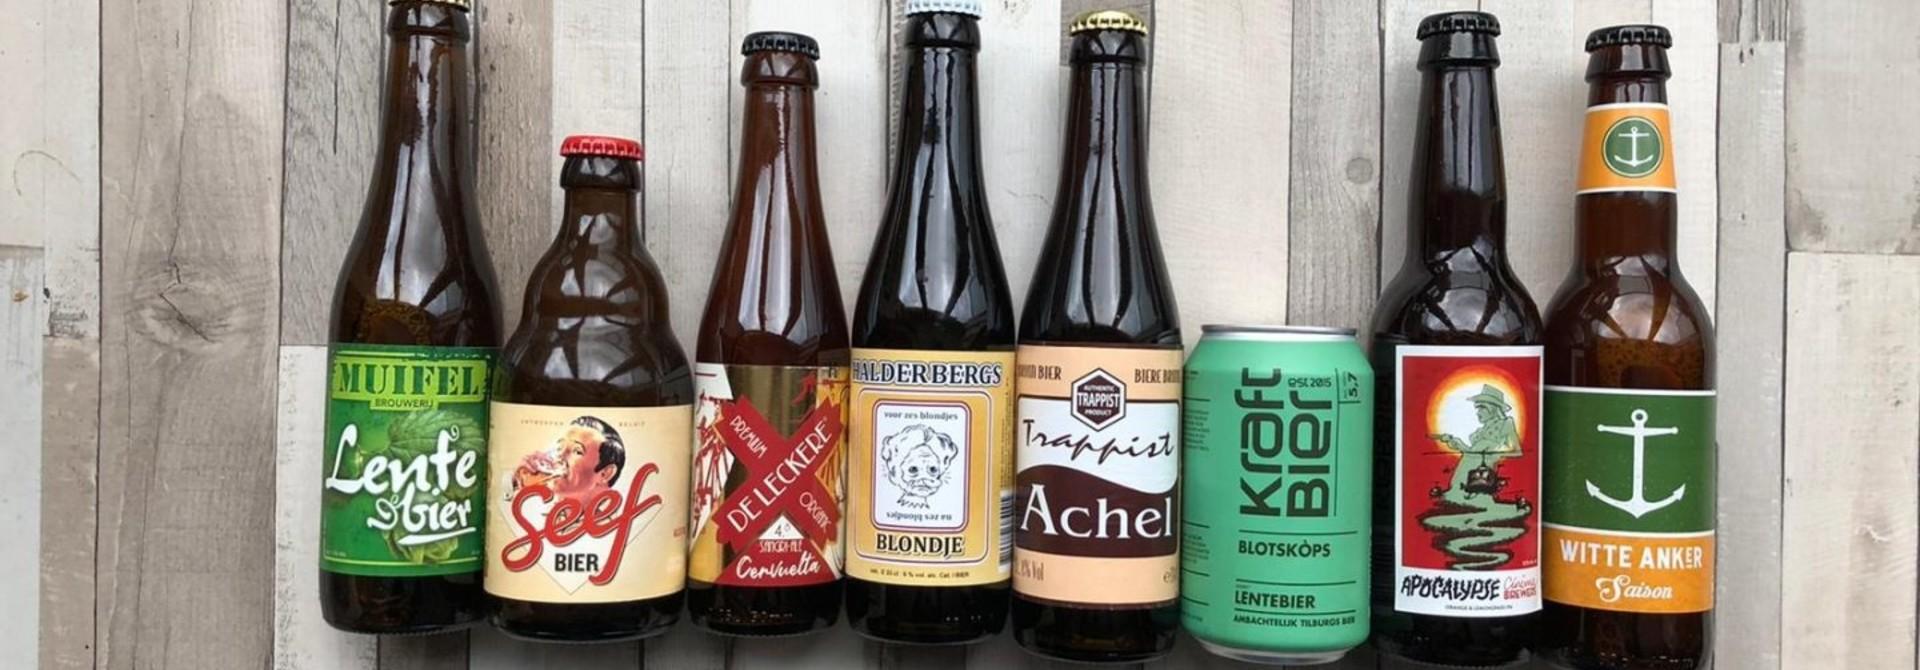 Speciaalbier – bierpakket mei 2020